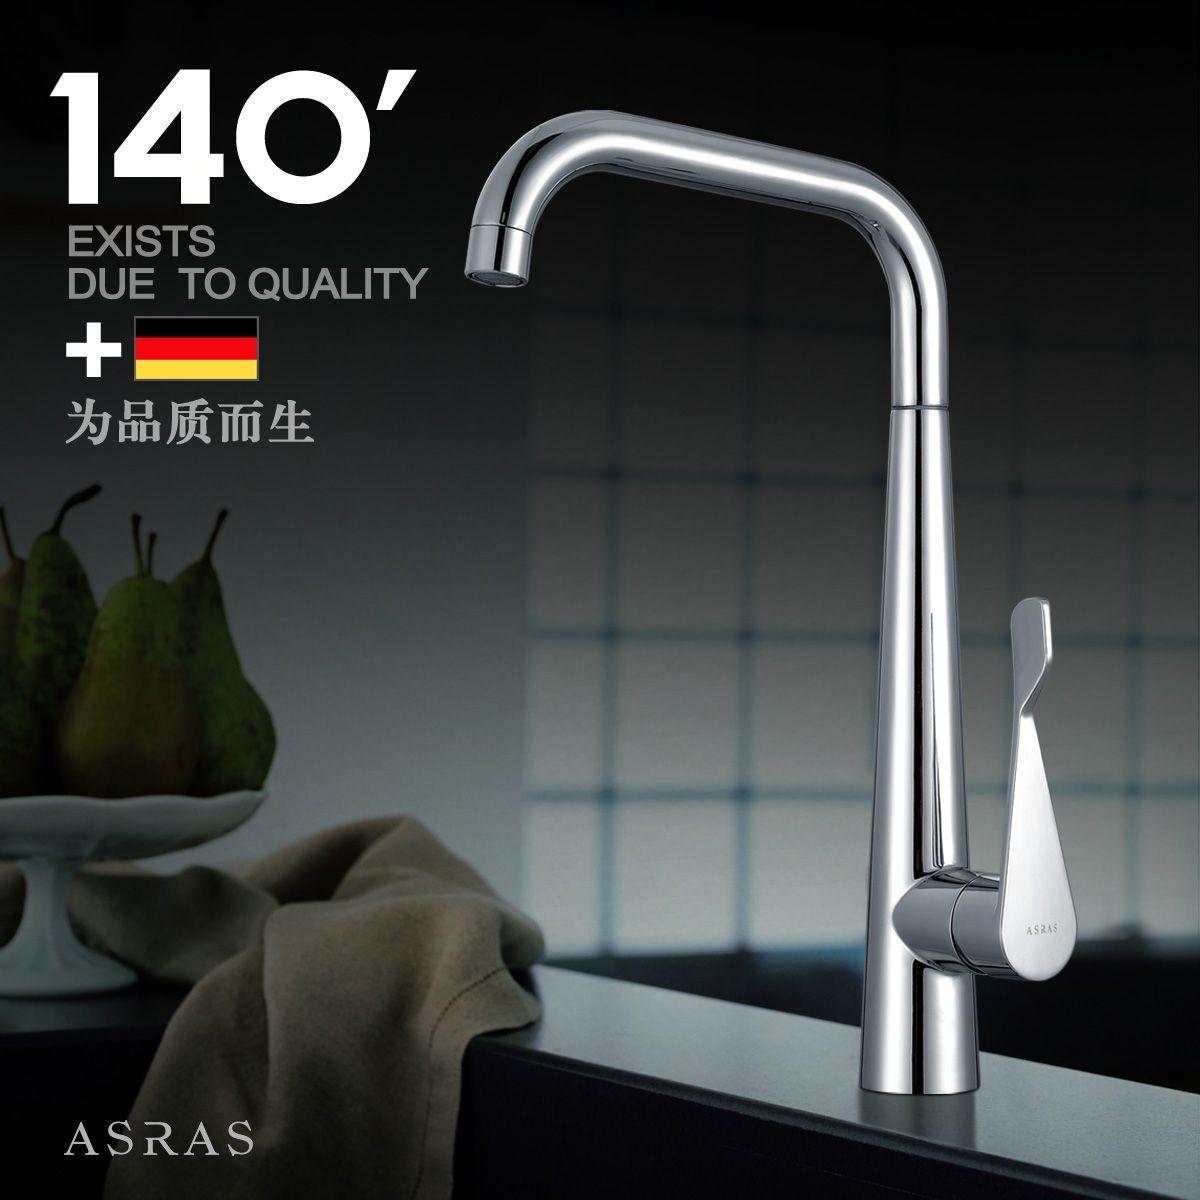 Asras Arthas Kitchen Faucet Water Tank Washing Vegetable Basin